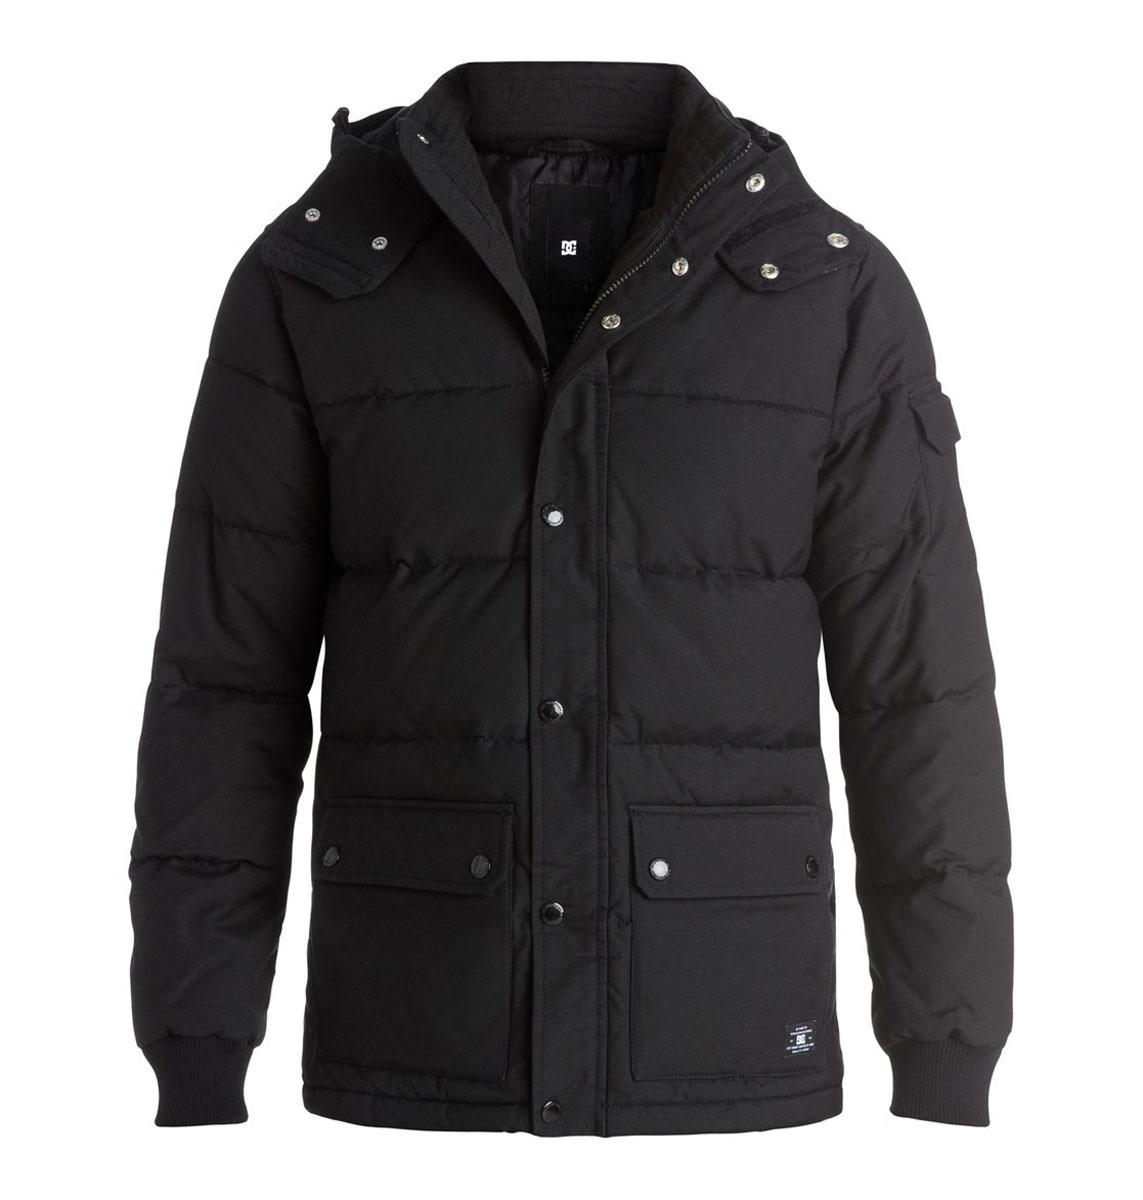 КурткаEDYJK03072-KVJ0Мужская куртка DC Shoes с длинными рукавами и съемным капюшоном на кнопках выполнена из хлопка с добавлением нейлона. Наполнитель - синтепон. . Куртка застегивается на застежку-молнию спереди и имеет ветрозащитный клапан на кнопках. Изделие оснащено двумя накладными карманами с клапанами на кнопках спереди и внутренним накладным карманом на липучке. Рукава дополнены трикотажными манжетами. Объем капюшона регулируется при помощи шнурка-кулиски. Низ изделия также оснащен шнурком-кулиской.